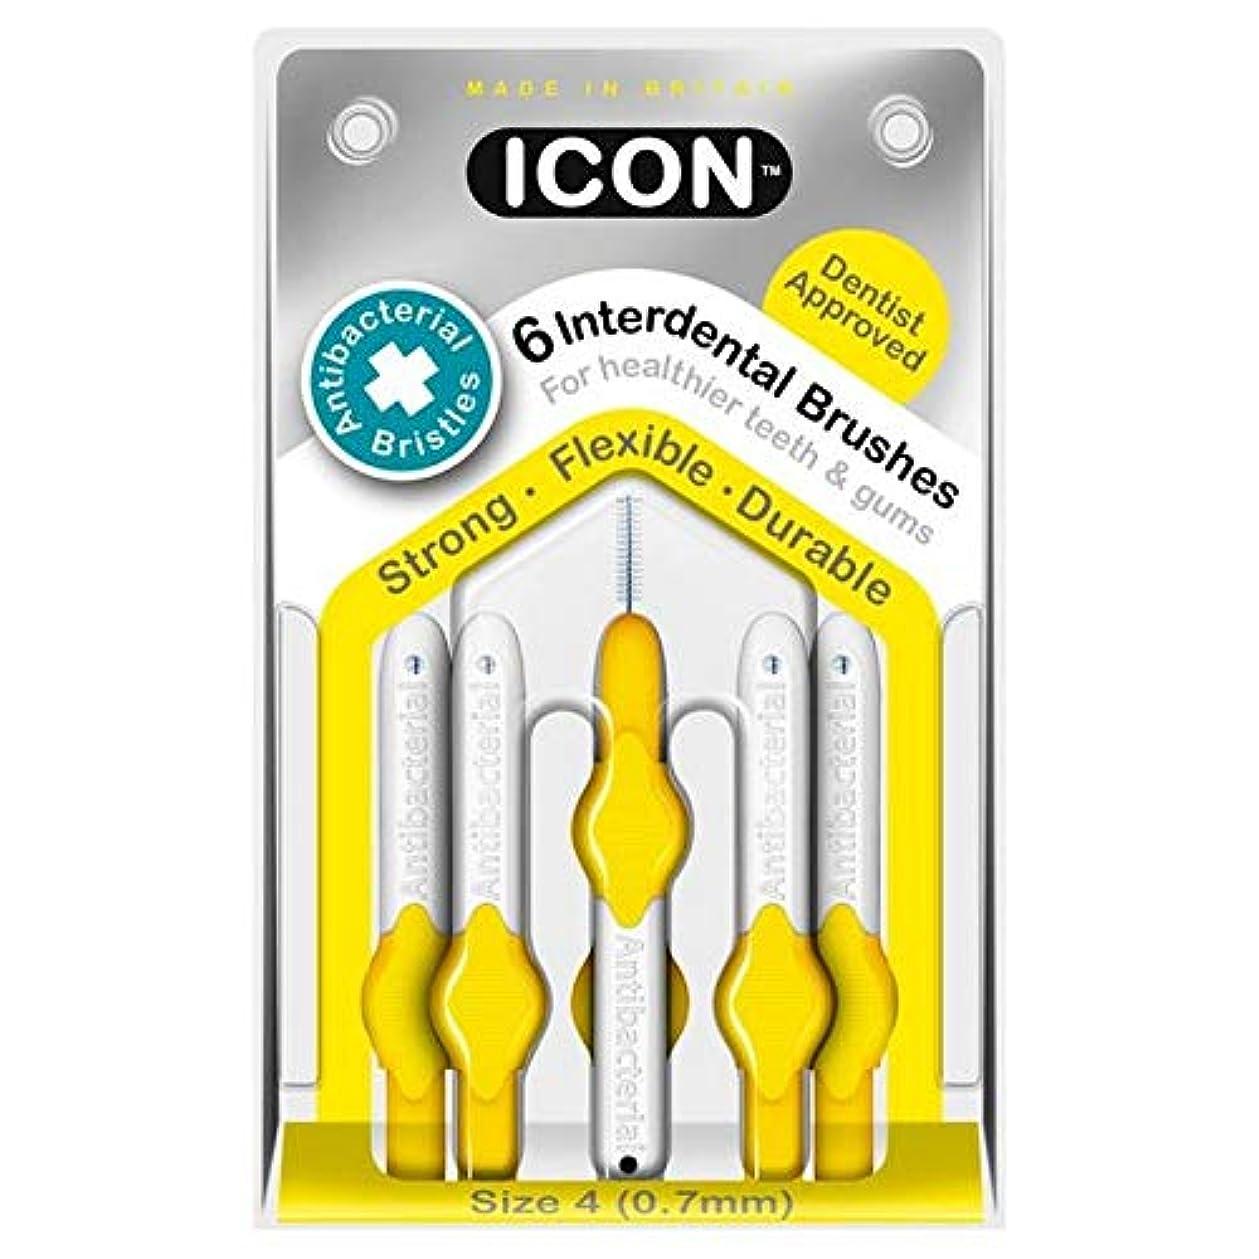 間隔長くする前提[Icon ] アイコンの歯間には、パックあたり0.7ミリメートル6ブラシ - Icon Interdental Brushes 0.7mm 6 per pack [並行輸入品]